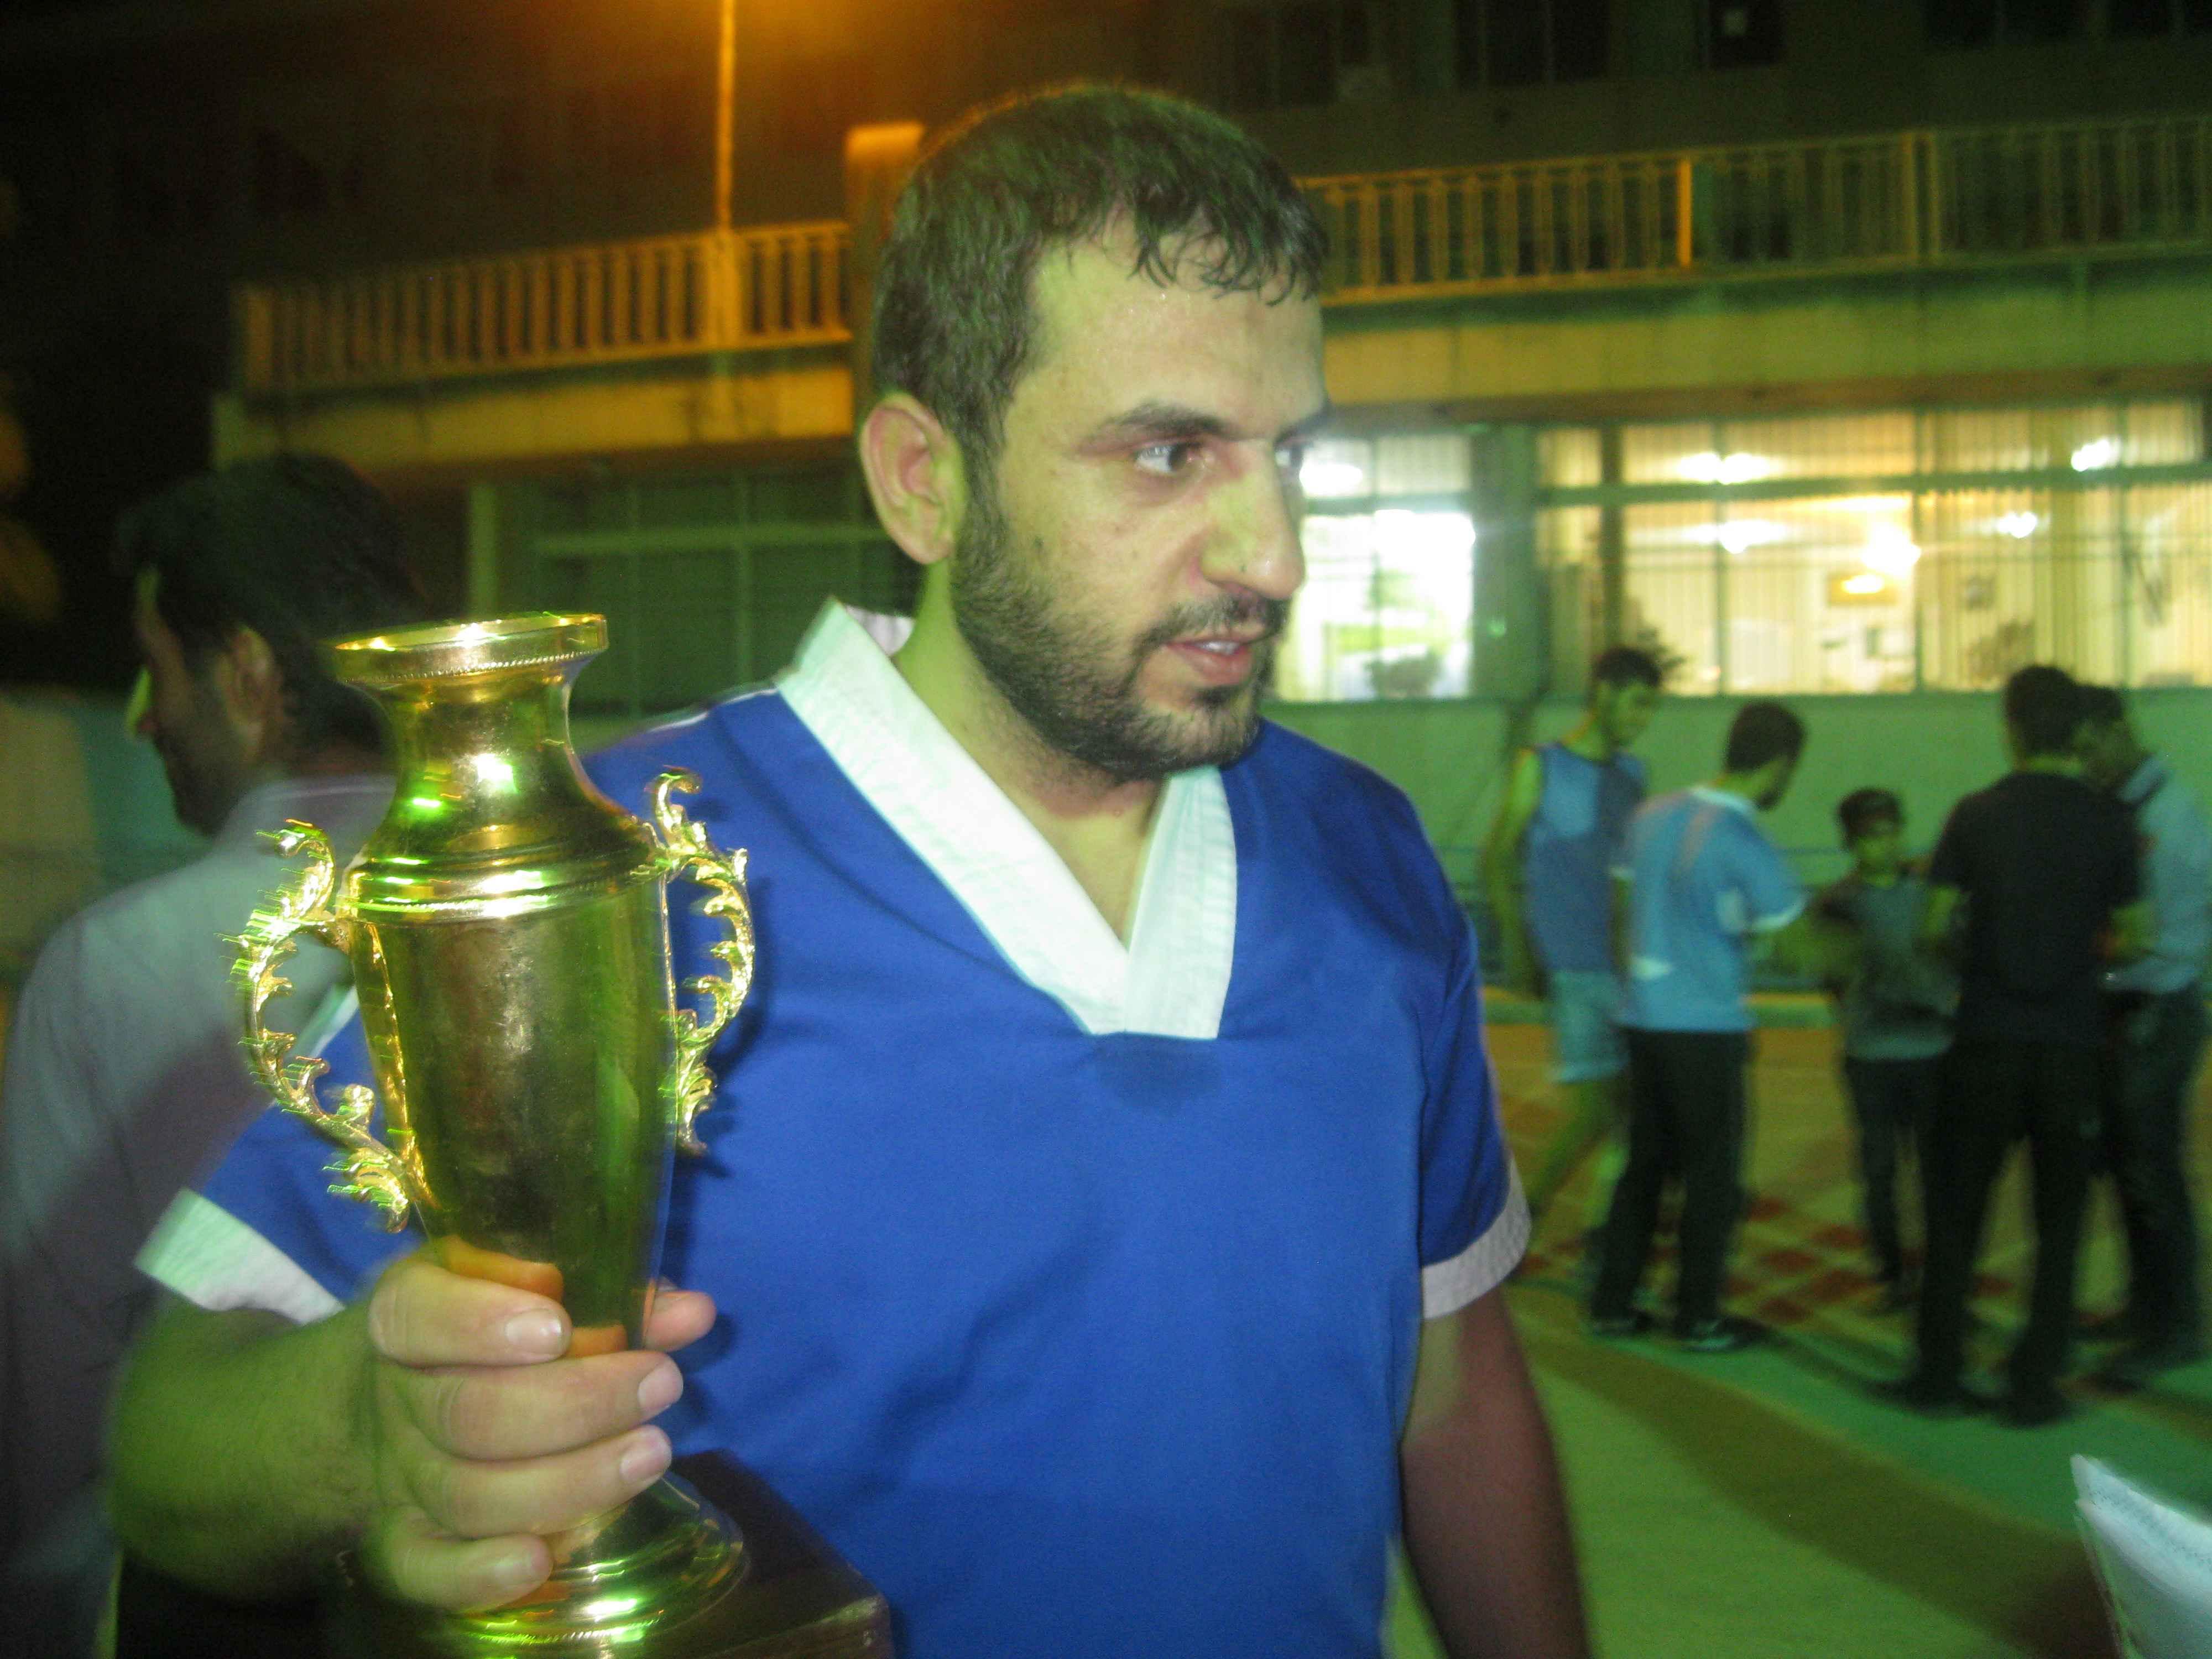 تصاویر فوتبال جام رمضان